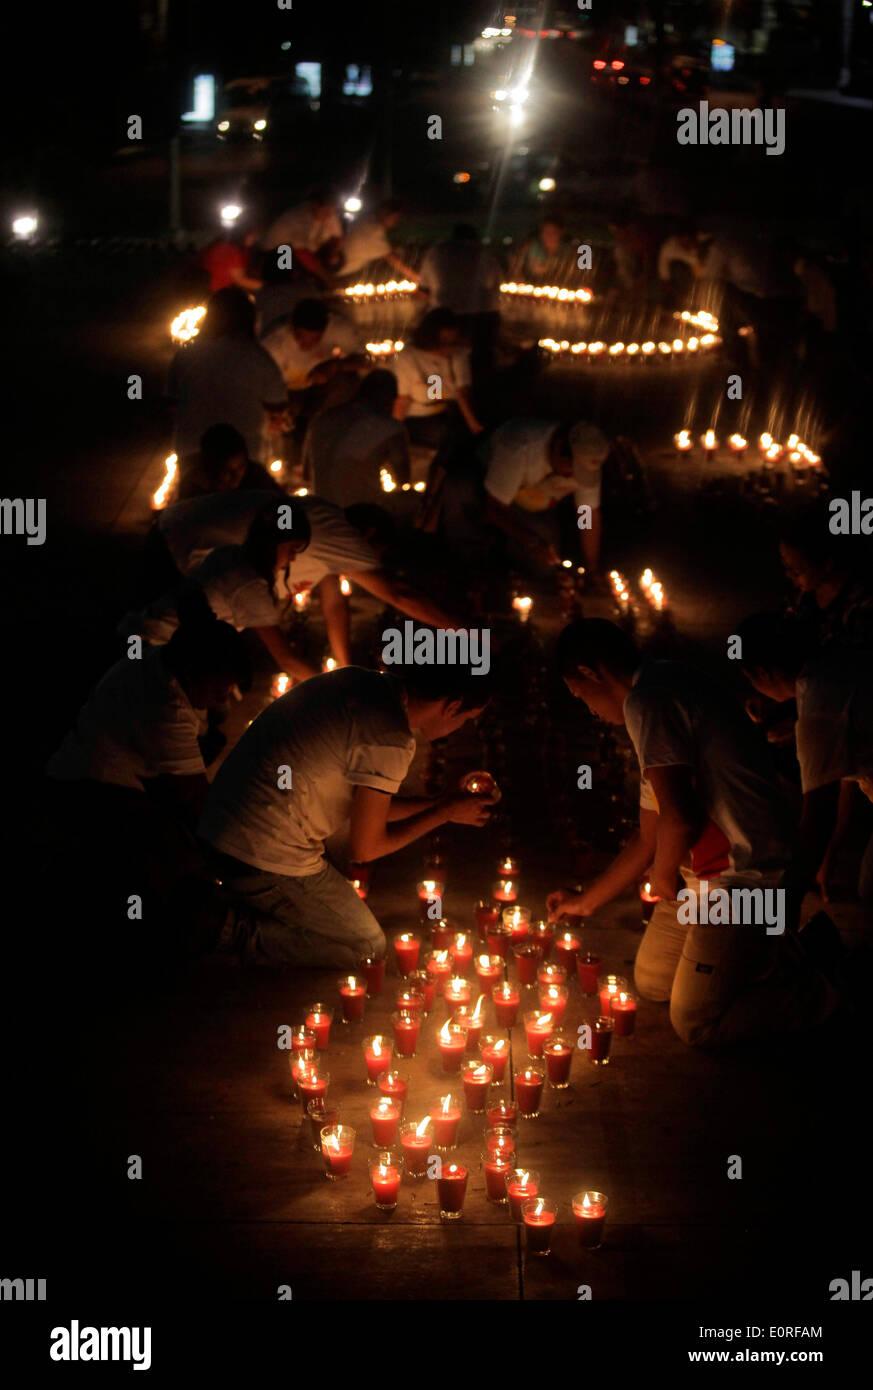 San Salvador El Salvador. 18 Maggio, 2014. Persone accendono le candele durante una commemorazione di persone morte di HIV/AIDS, in San Salvador, capitale di El Salvador, il 18 maggio 2014. Durante la commemorazione detenute da Atlacatl Vivo Asociation Positivo, 3.500 candele sono state accese al Divino Salvador del Mundo Square. © Oscar Rivera/Xinhua/Alamy Live News Immagini Stock